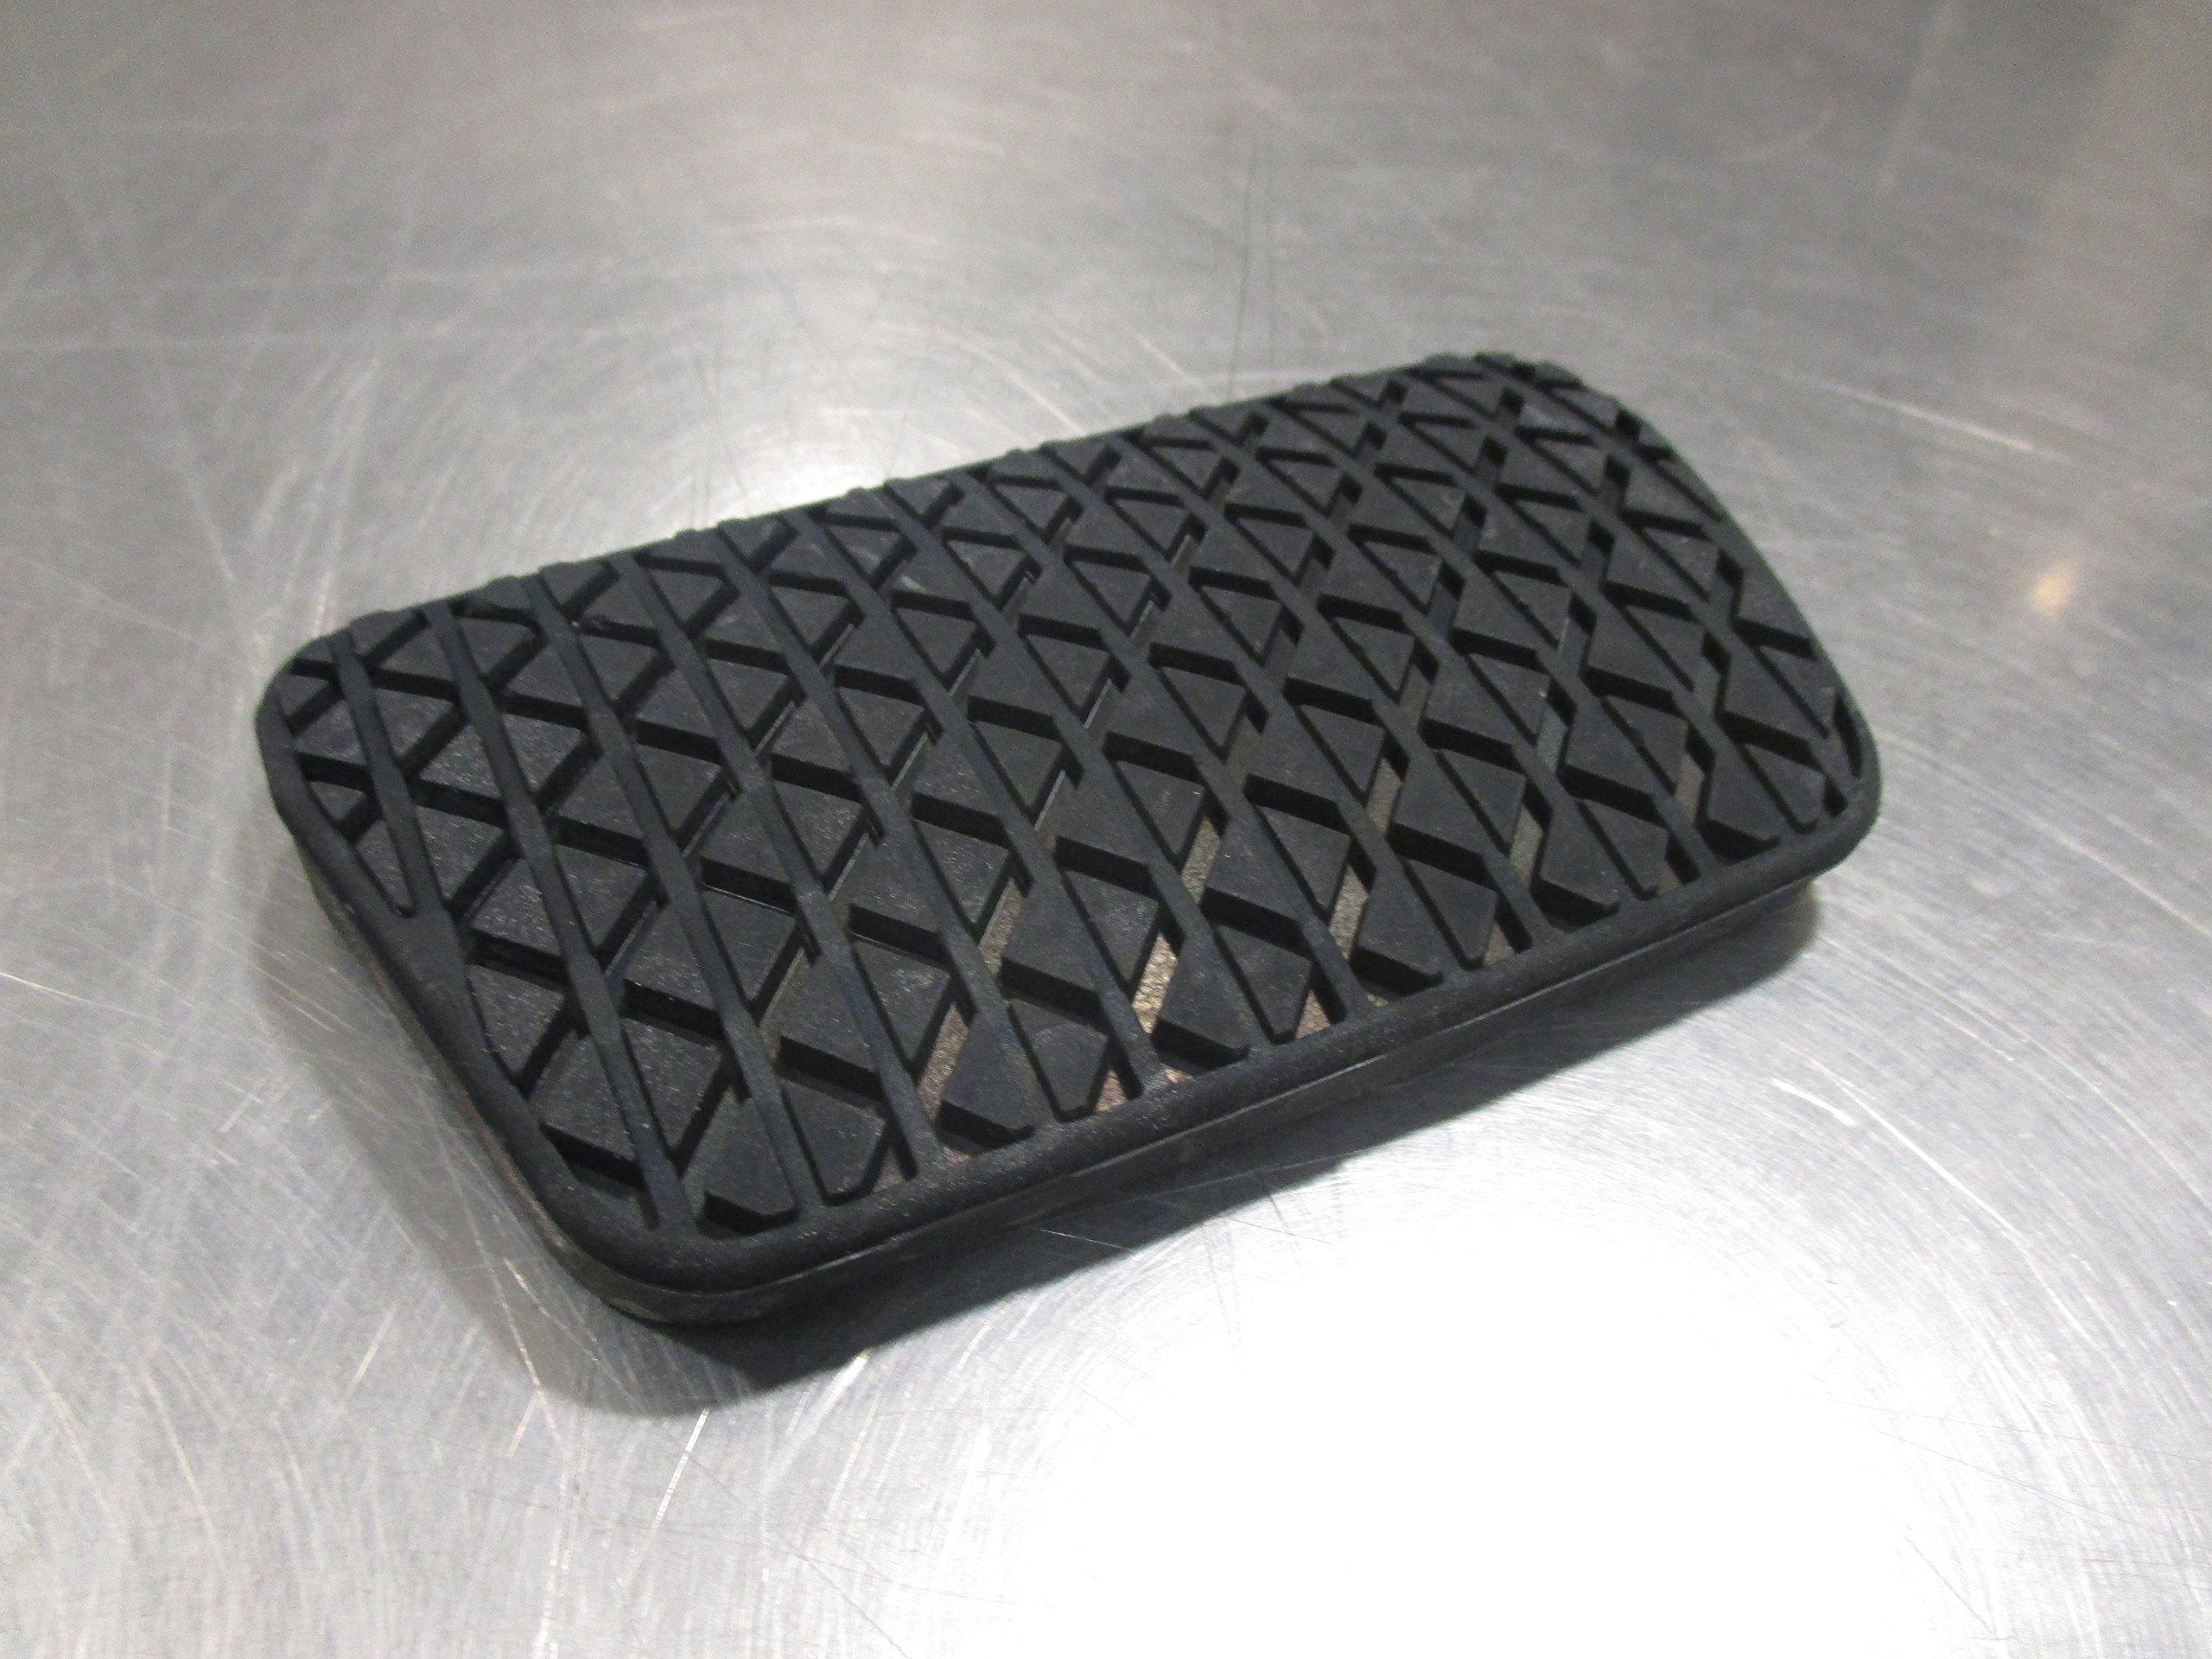 New OEM Mazda black rubber brake pedal pad GJ6G-43-028